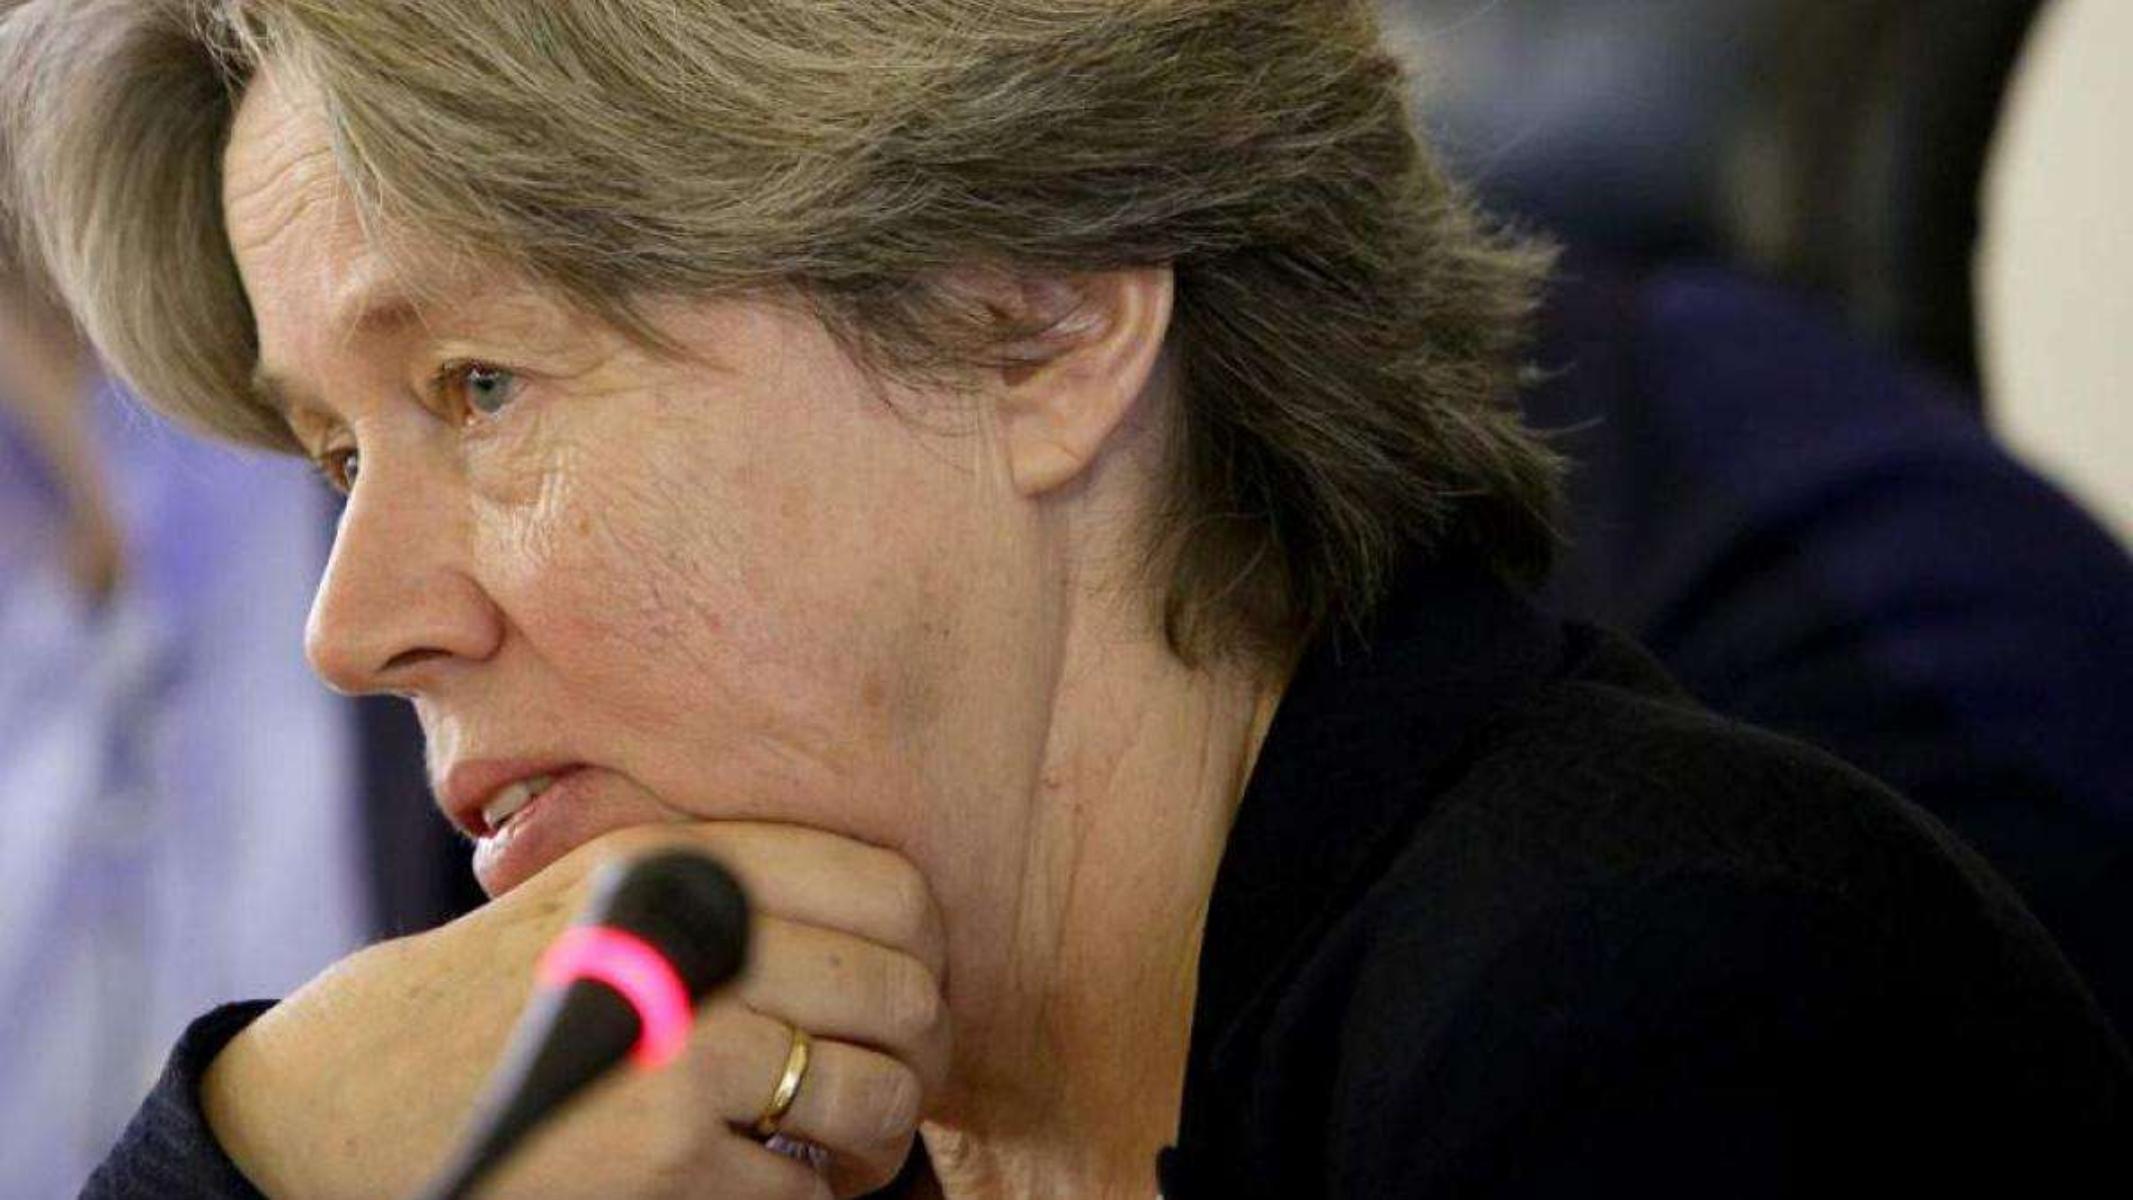 Λινού: Ξεπέρασε το 4% ο δείκτης θετικότητας- Διασπορά της μετάλλαξης στην Ελλάδα